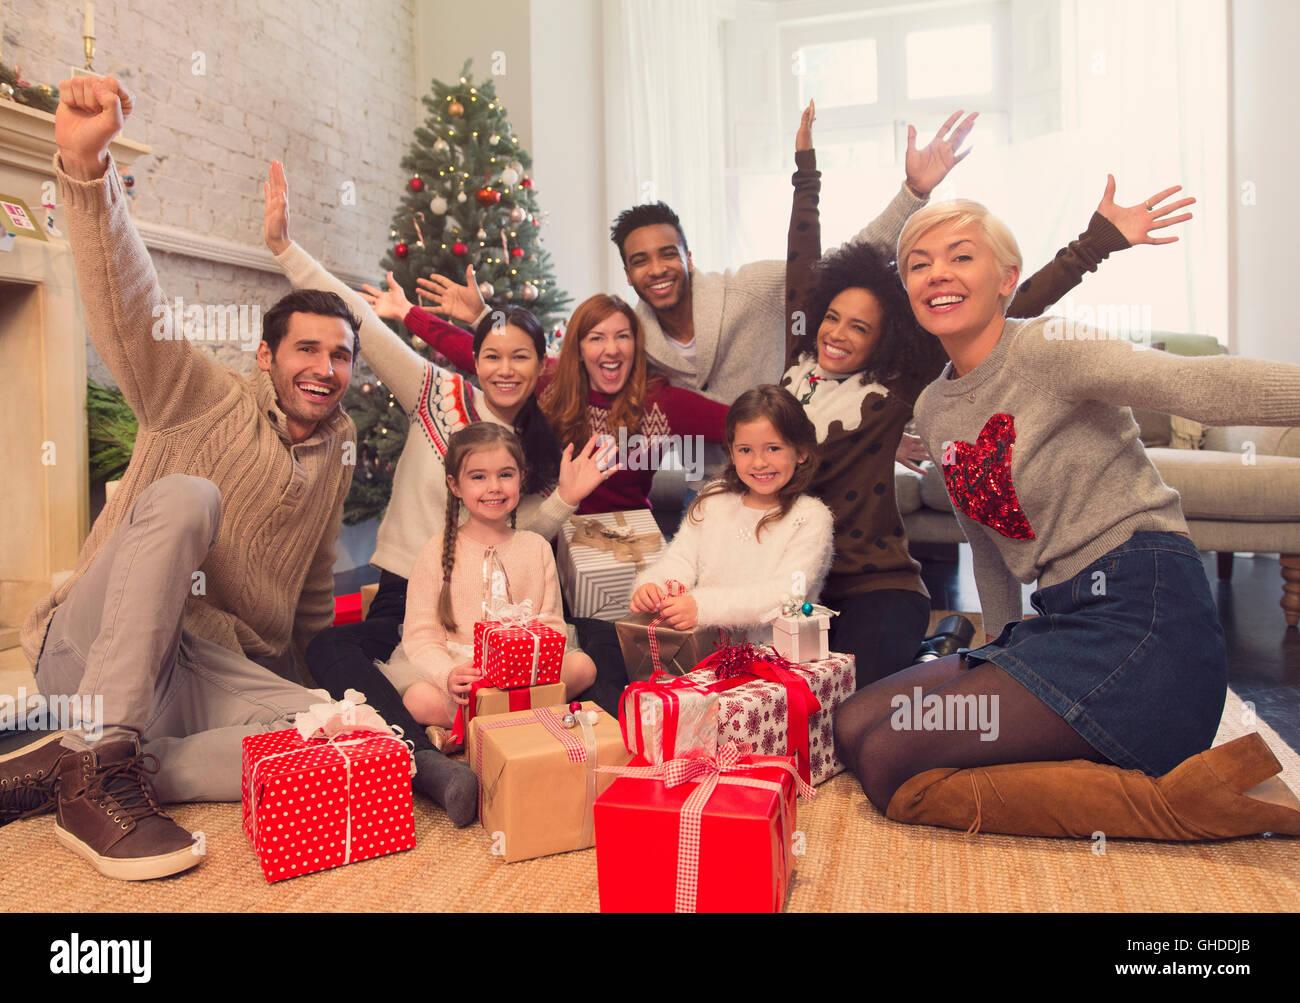 Porträt begeisterte Familie und Freunde mit Weihnachtsgeschenke im Wohnzimmer Stockfoto